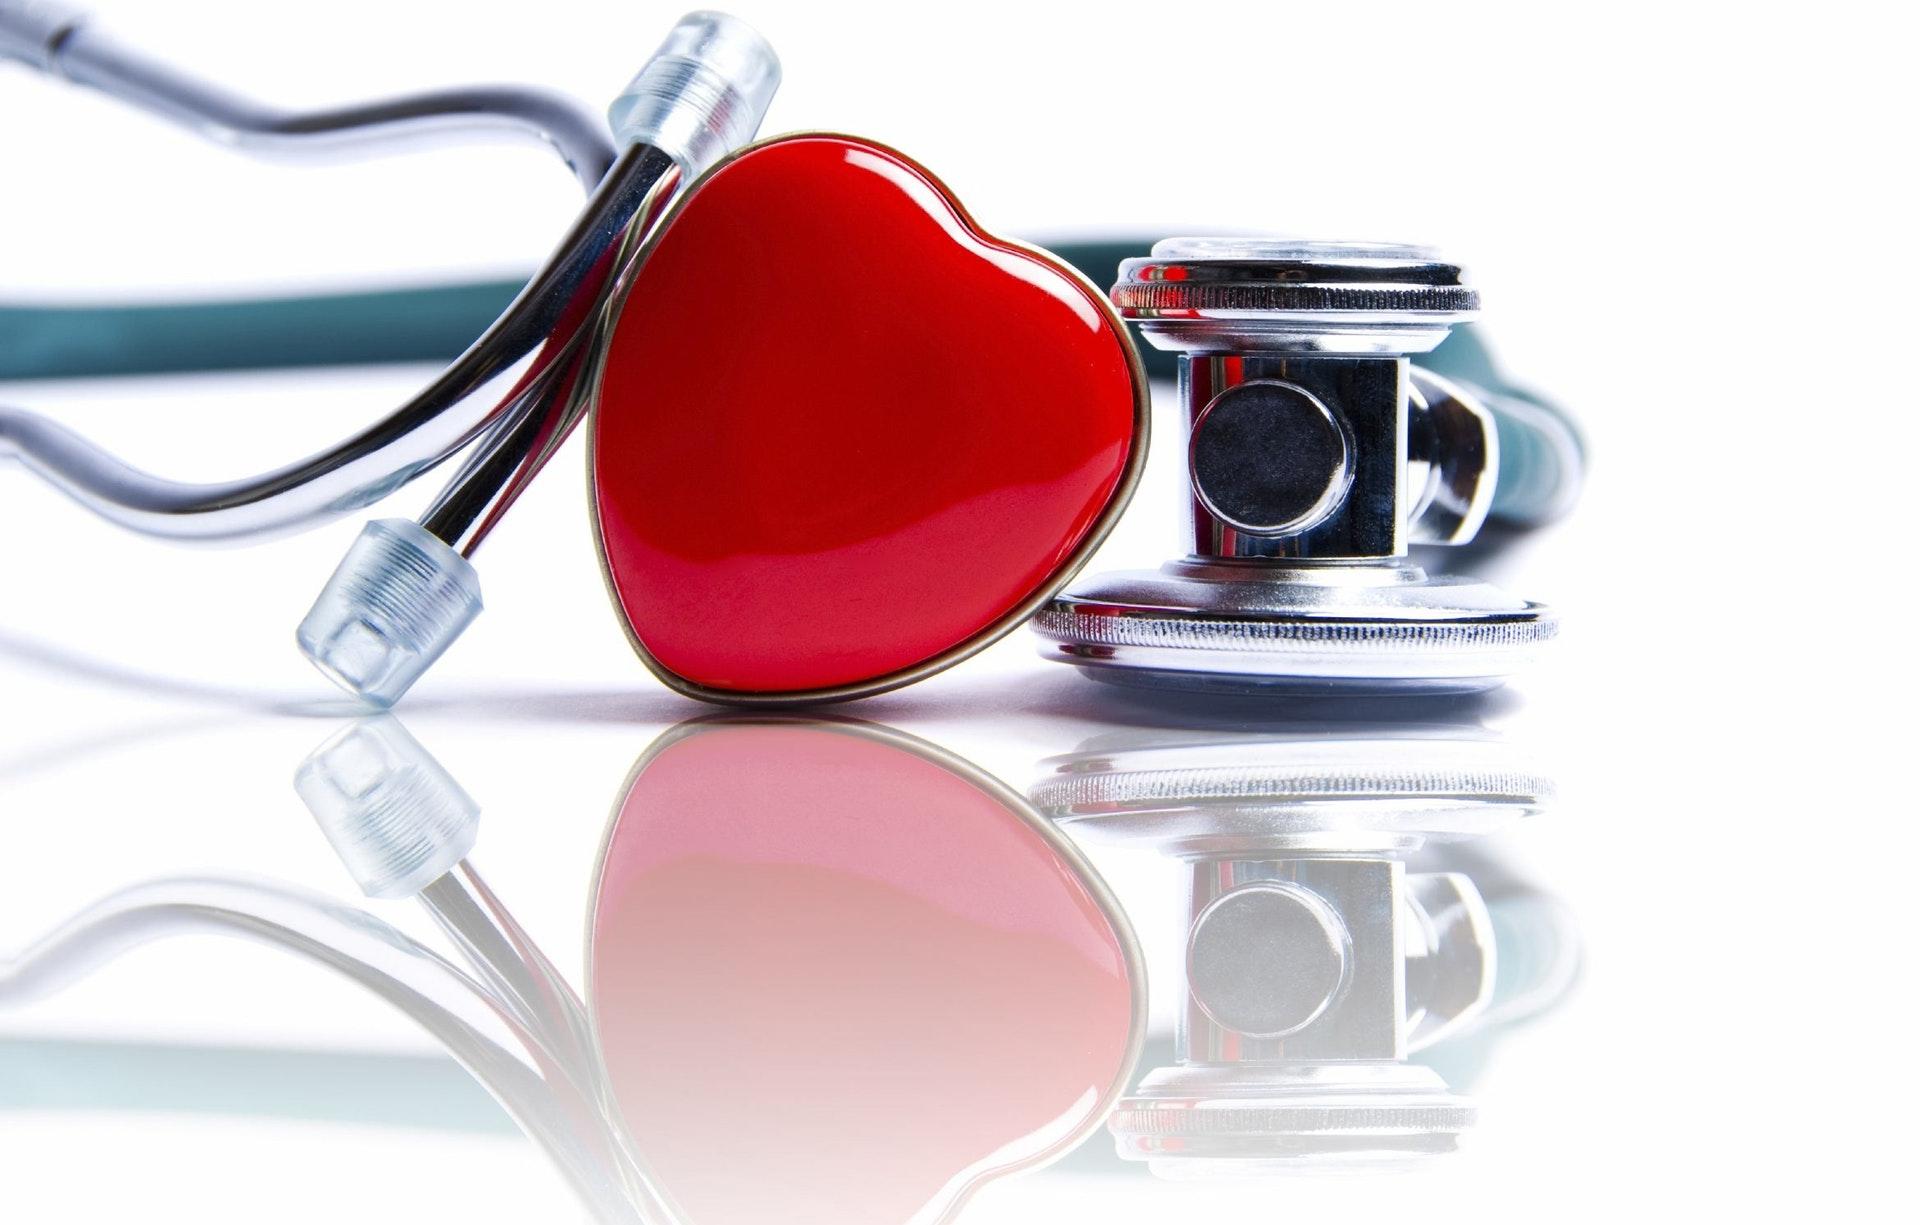 paul-check-four-doctors